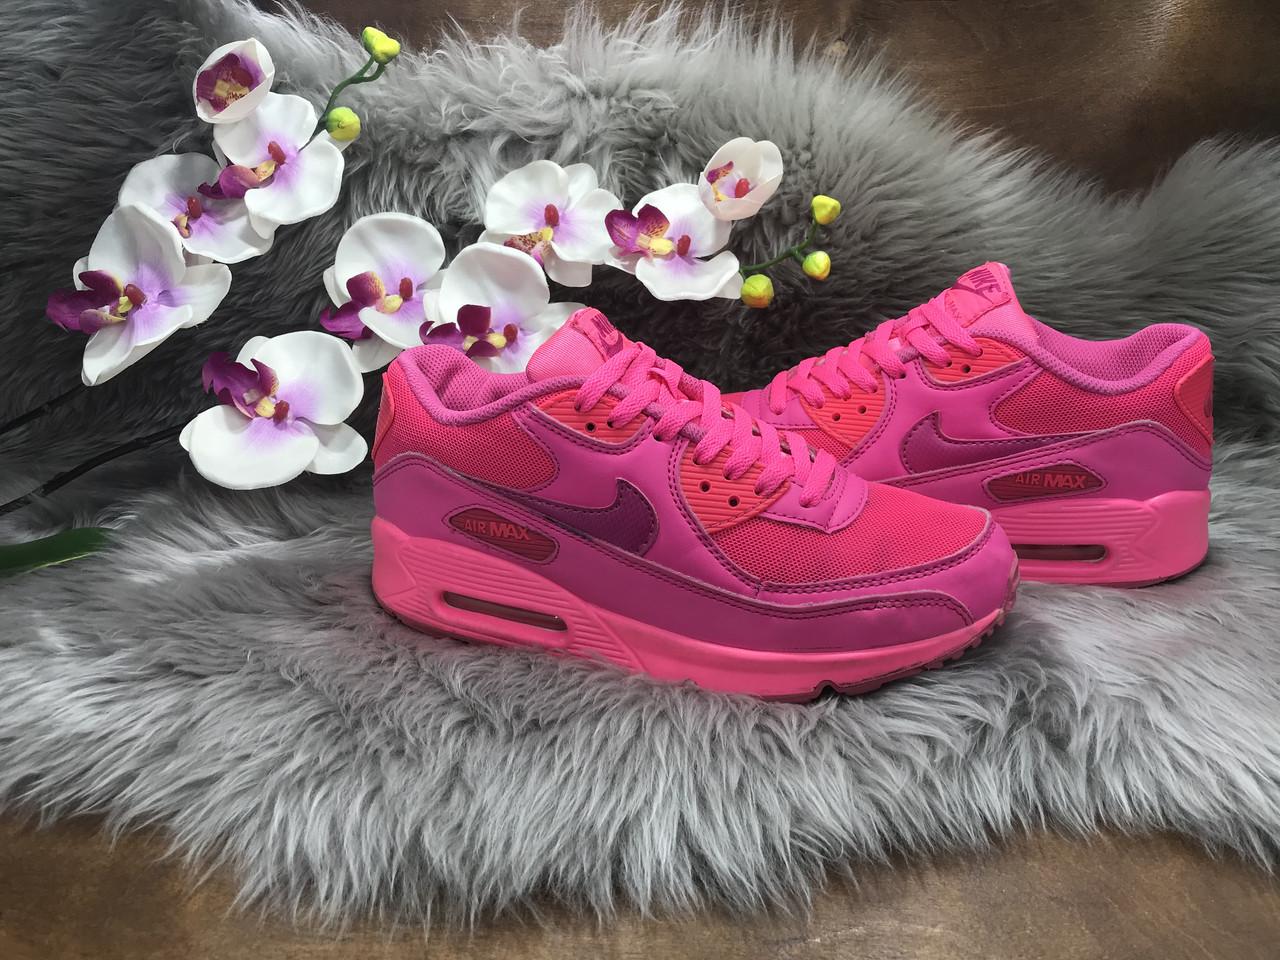 Кросівки Nike Air Max 90 Gs (38 розмір) бо - копія